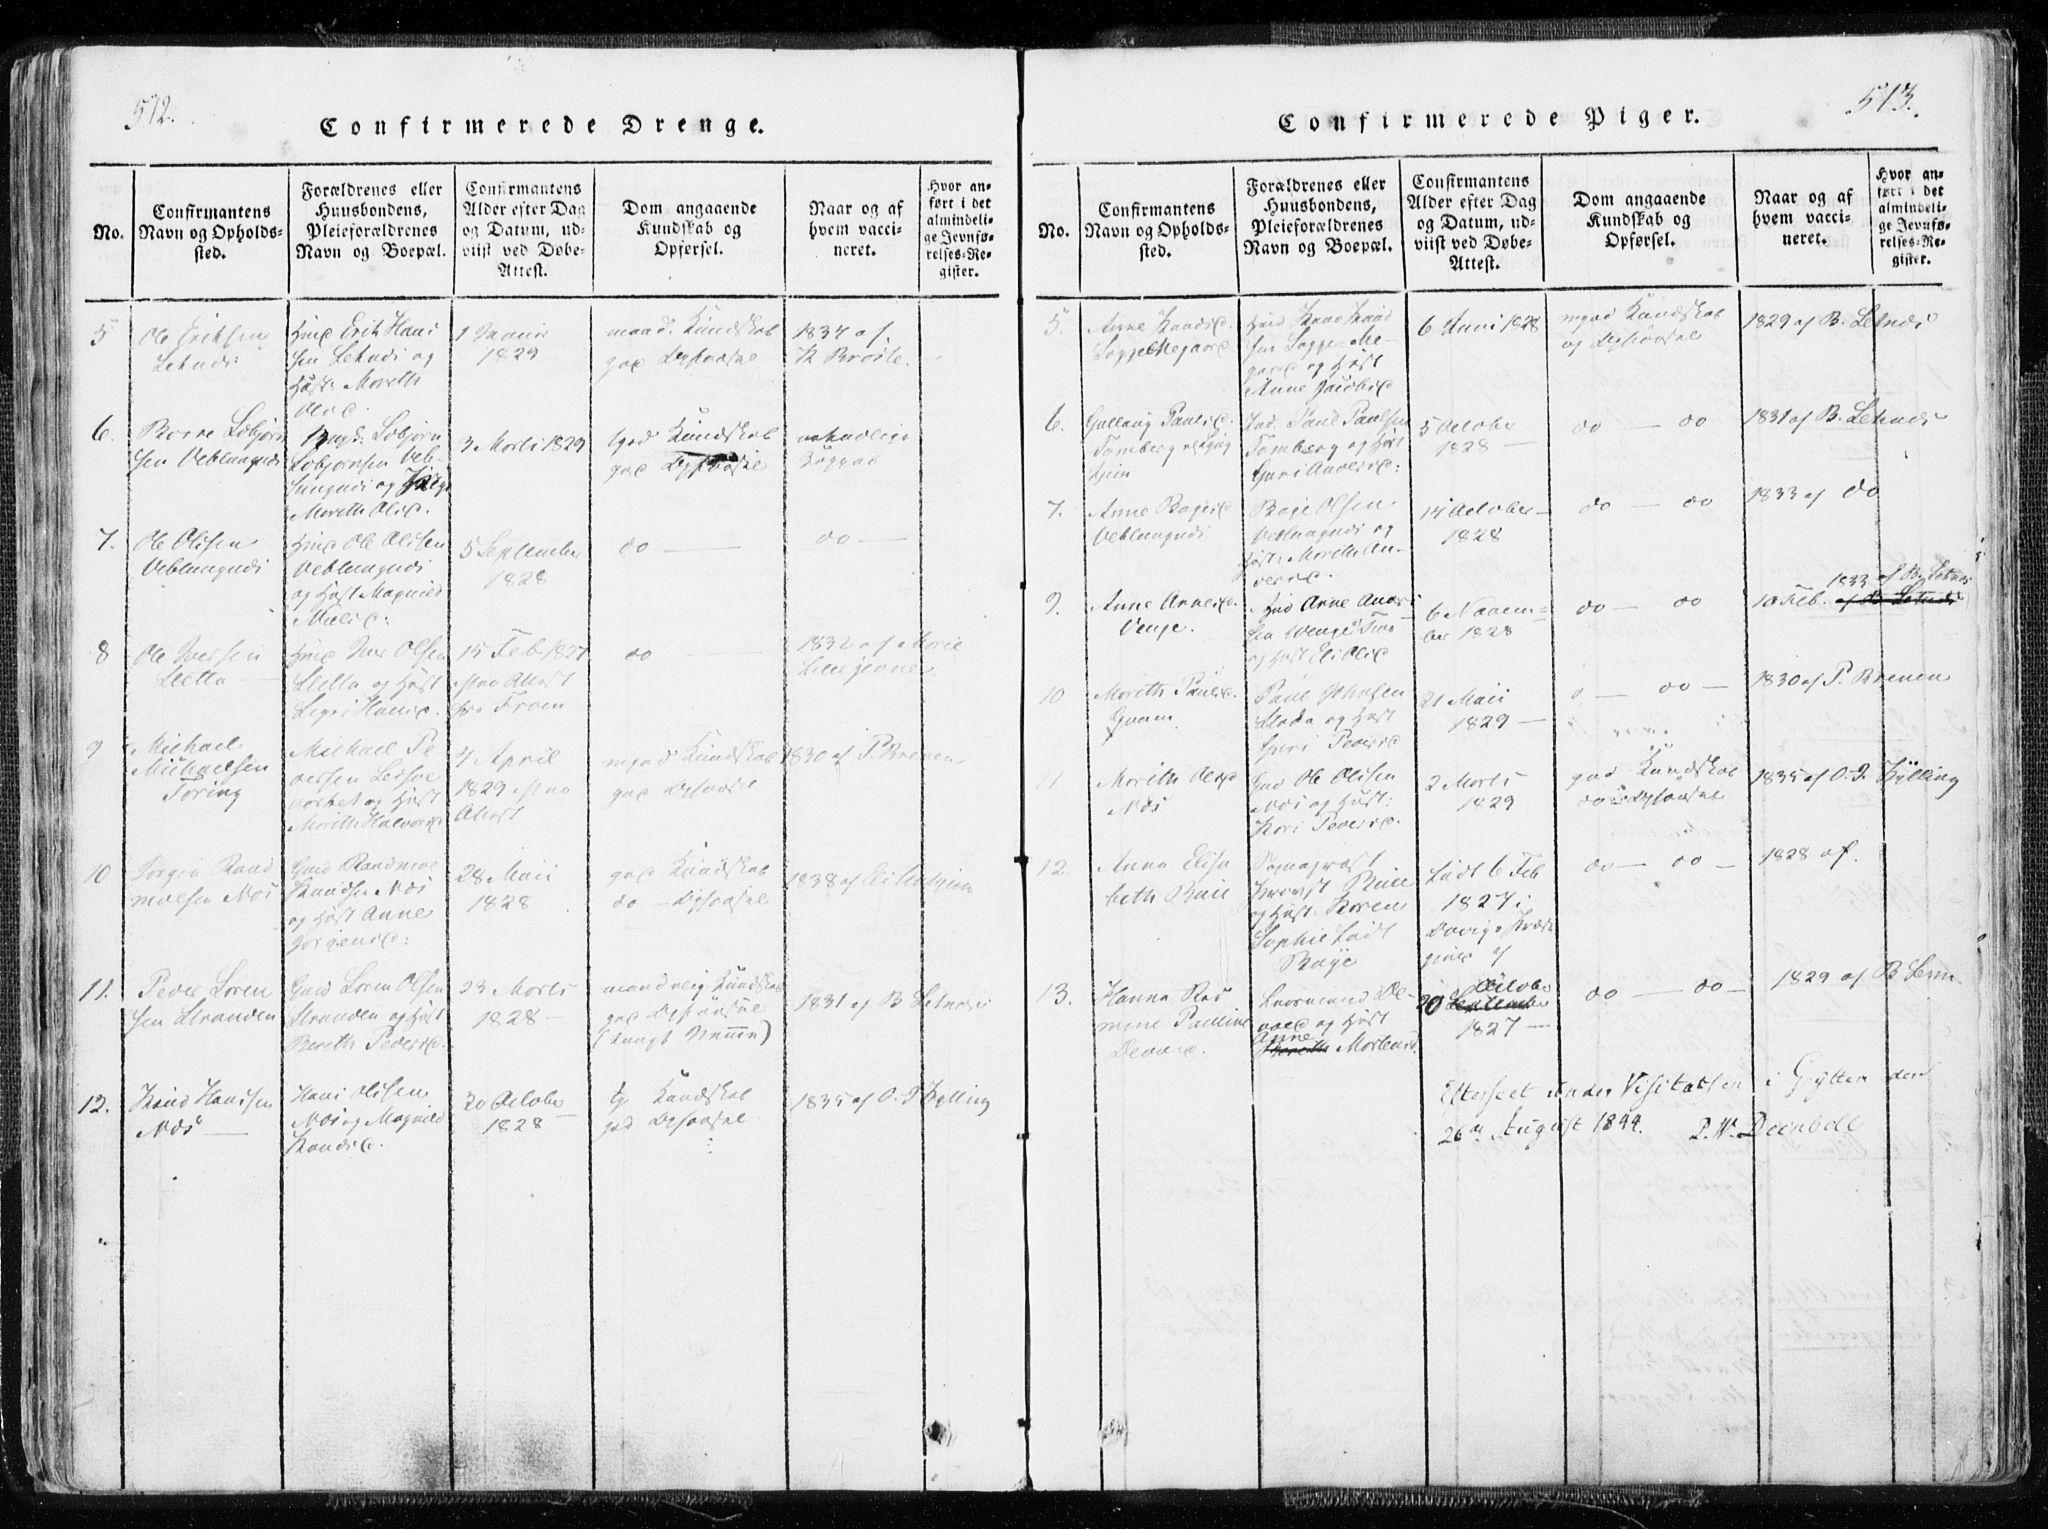 SAT, Ministerialprotokoller, klokkerbøker og fødselsregistre - Møre og Romsdal, 544/L0571: Ministerialbok nr. 544A04, 1818-1853, s. 512-513